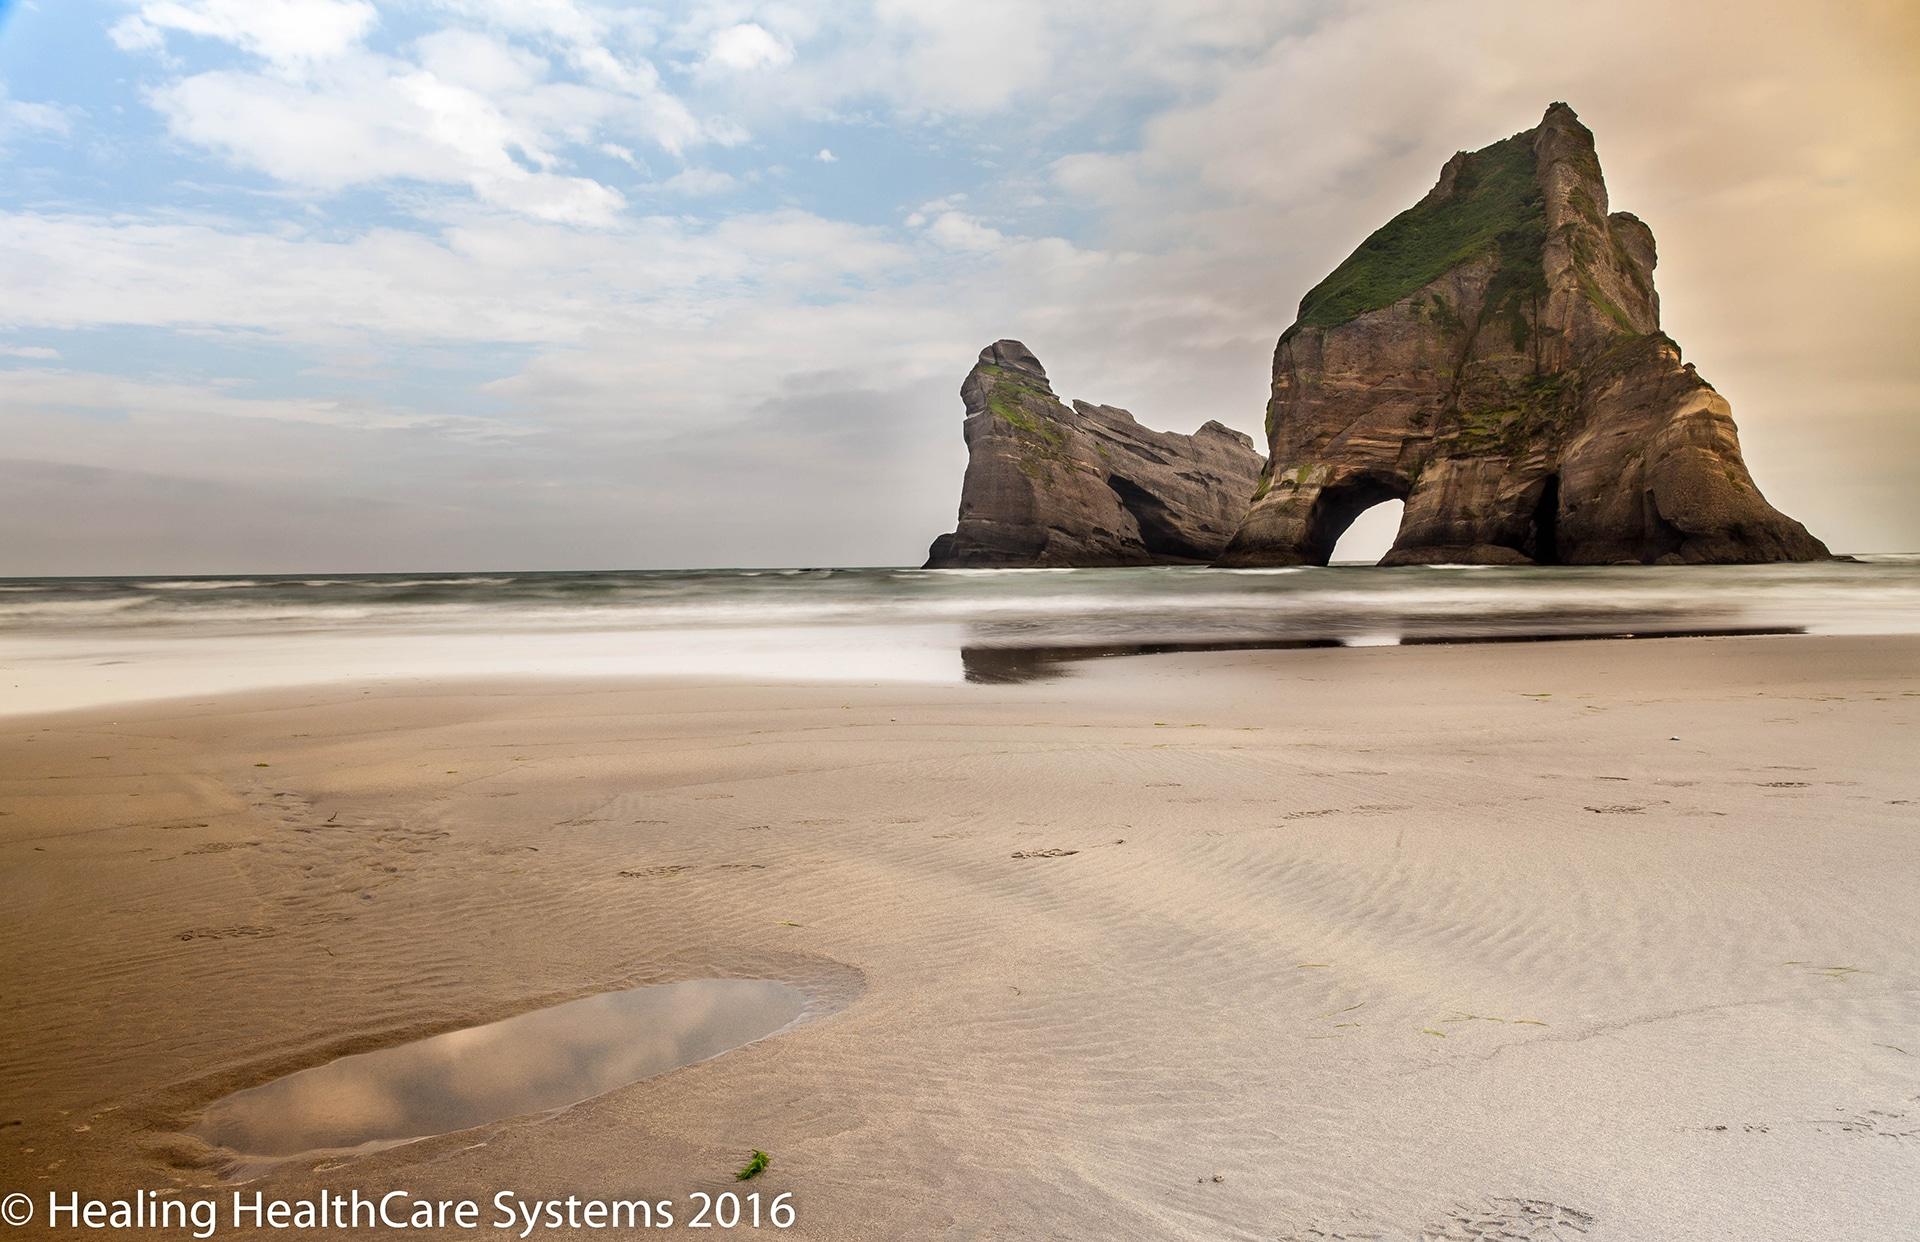 The rock formations at Wharariki Beach.